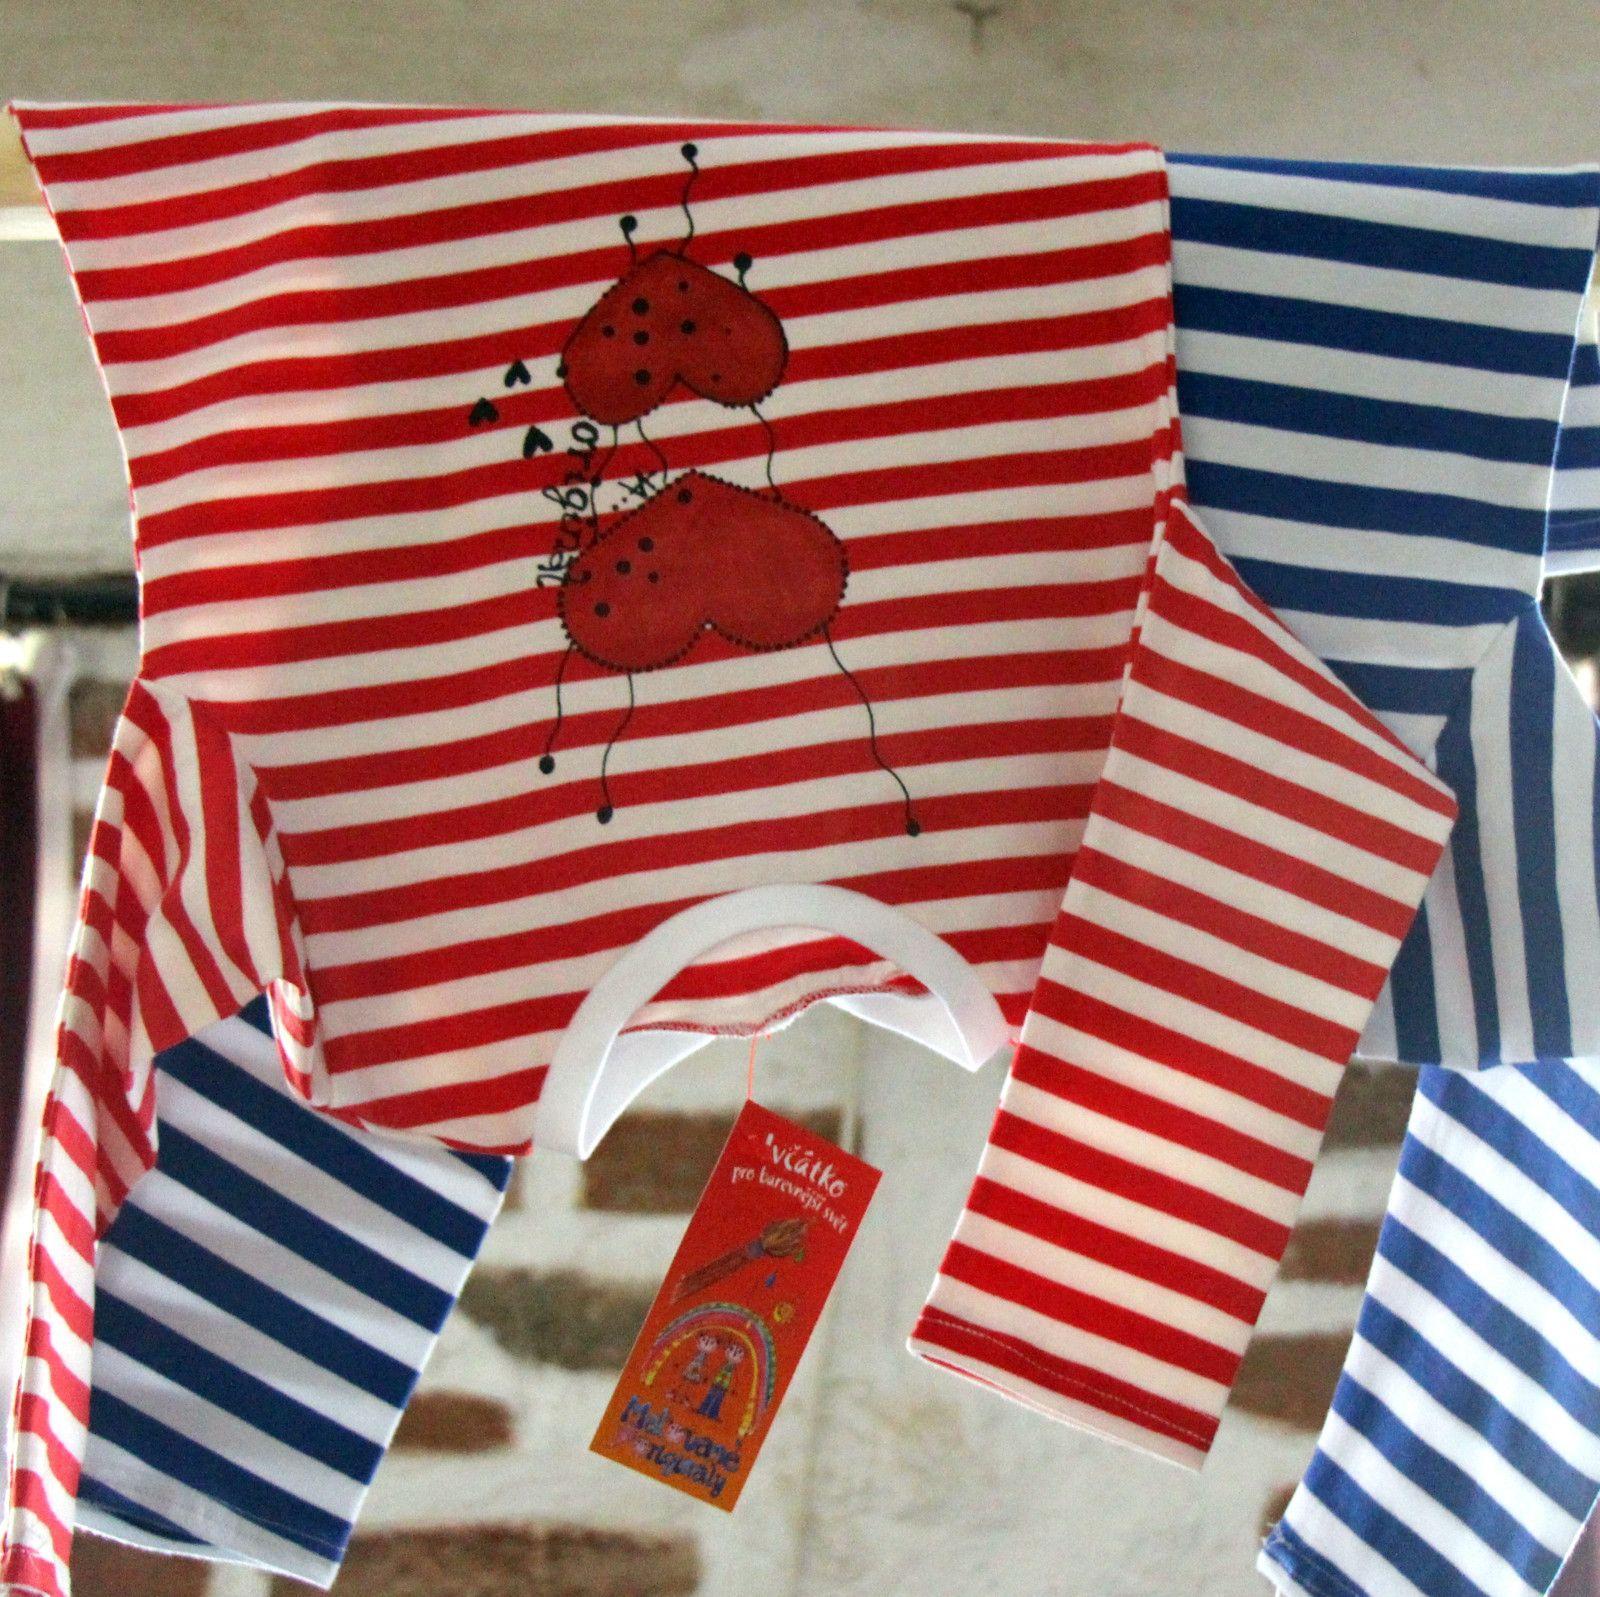 Námořnické+se+srdíčky+vel.+104/110+-+kvalitní+námořnické+triko,+dlouhérukávky+zbavlněného+úpletupocházíz+dílnyVanPierre.+-+příjemný+bavlněný+úplet,+95%+bavlna+++5+%+elastan+-+barva+bílo+-červená+-malované+pro+radost+vel.104/110+Pro+holku+bezva+námořnici.+V+nabídce+i+další+námořnické+motivy+a+velikosti...+